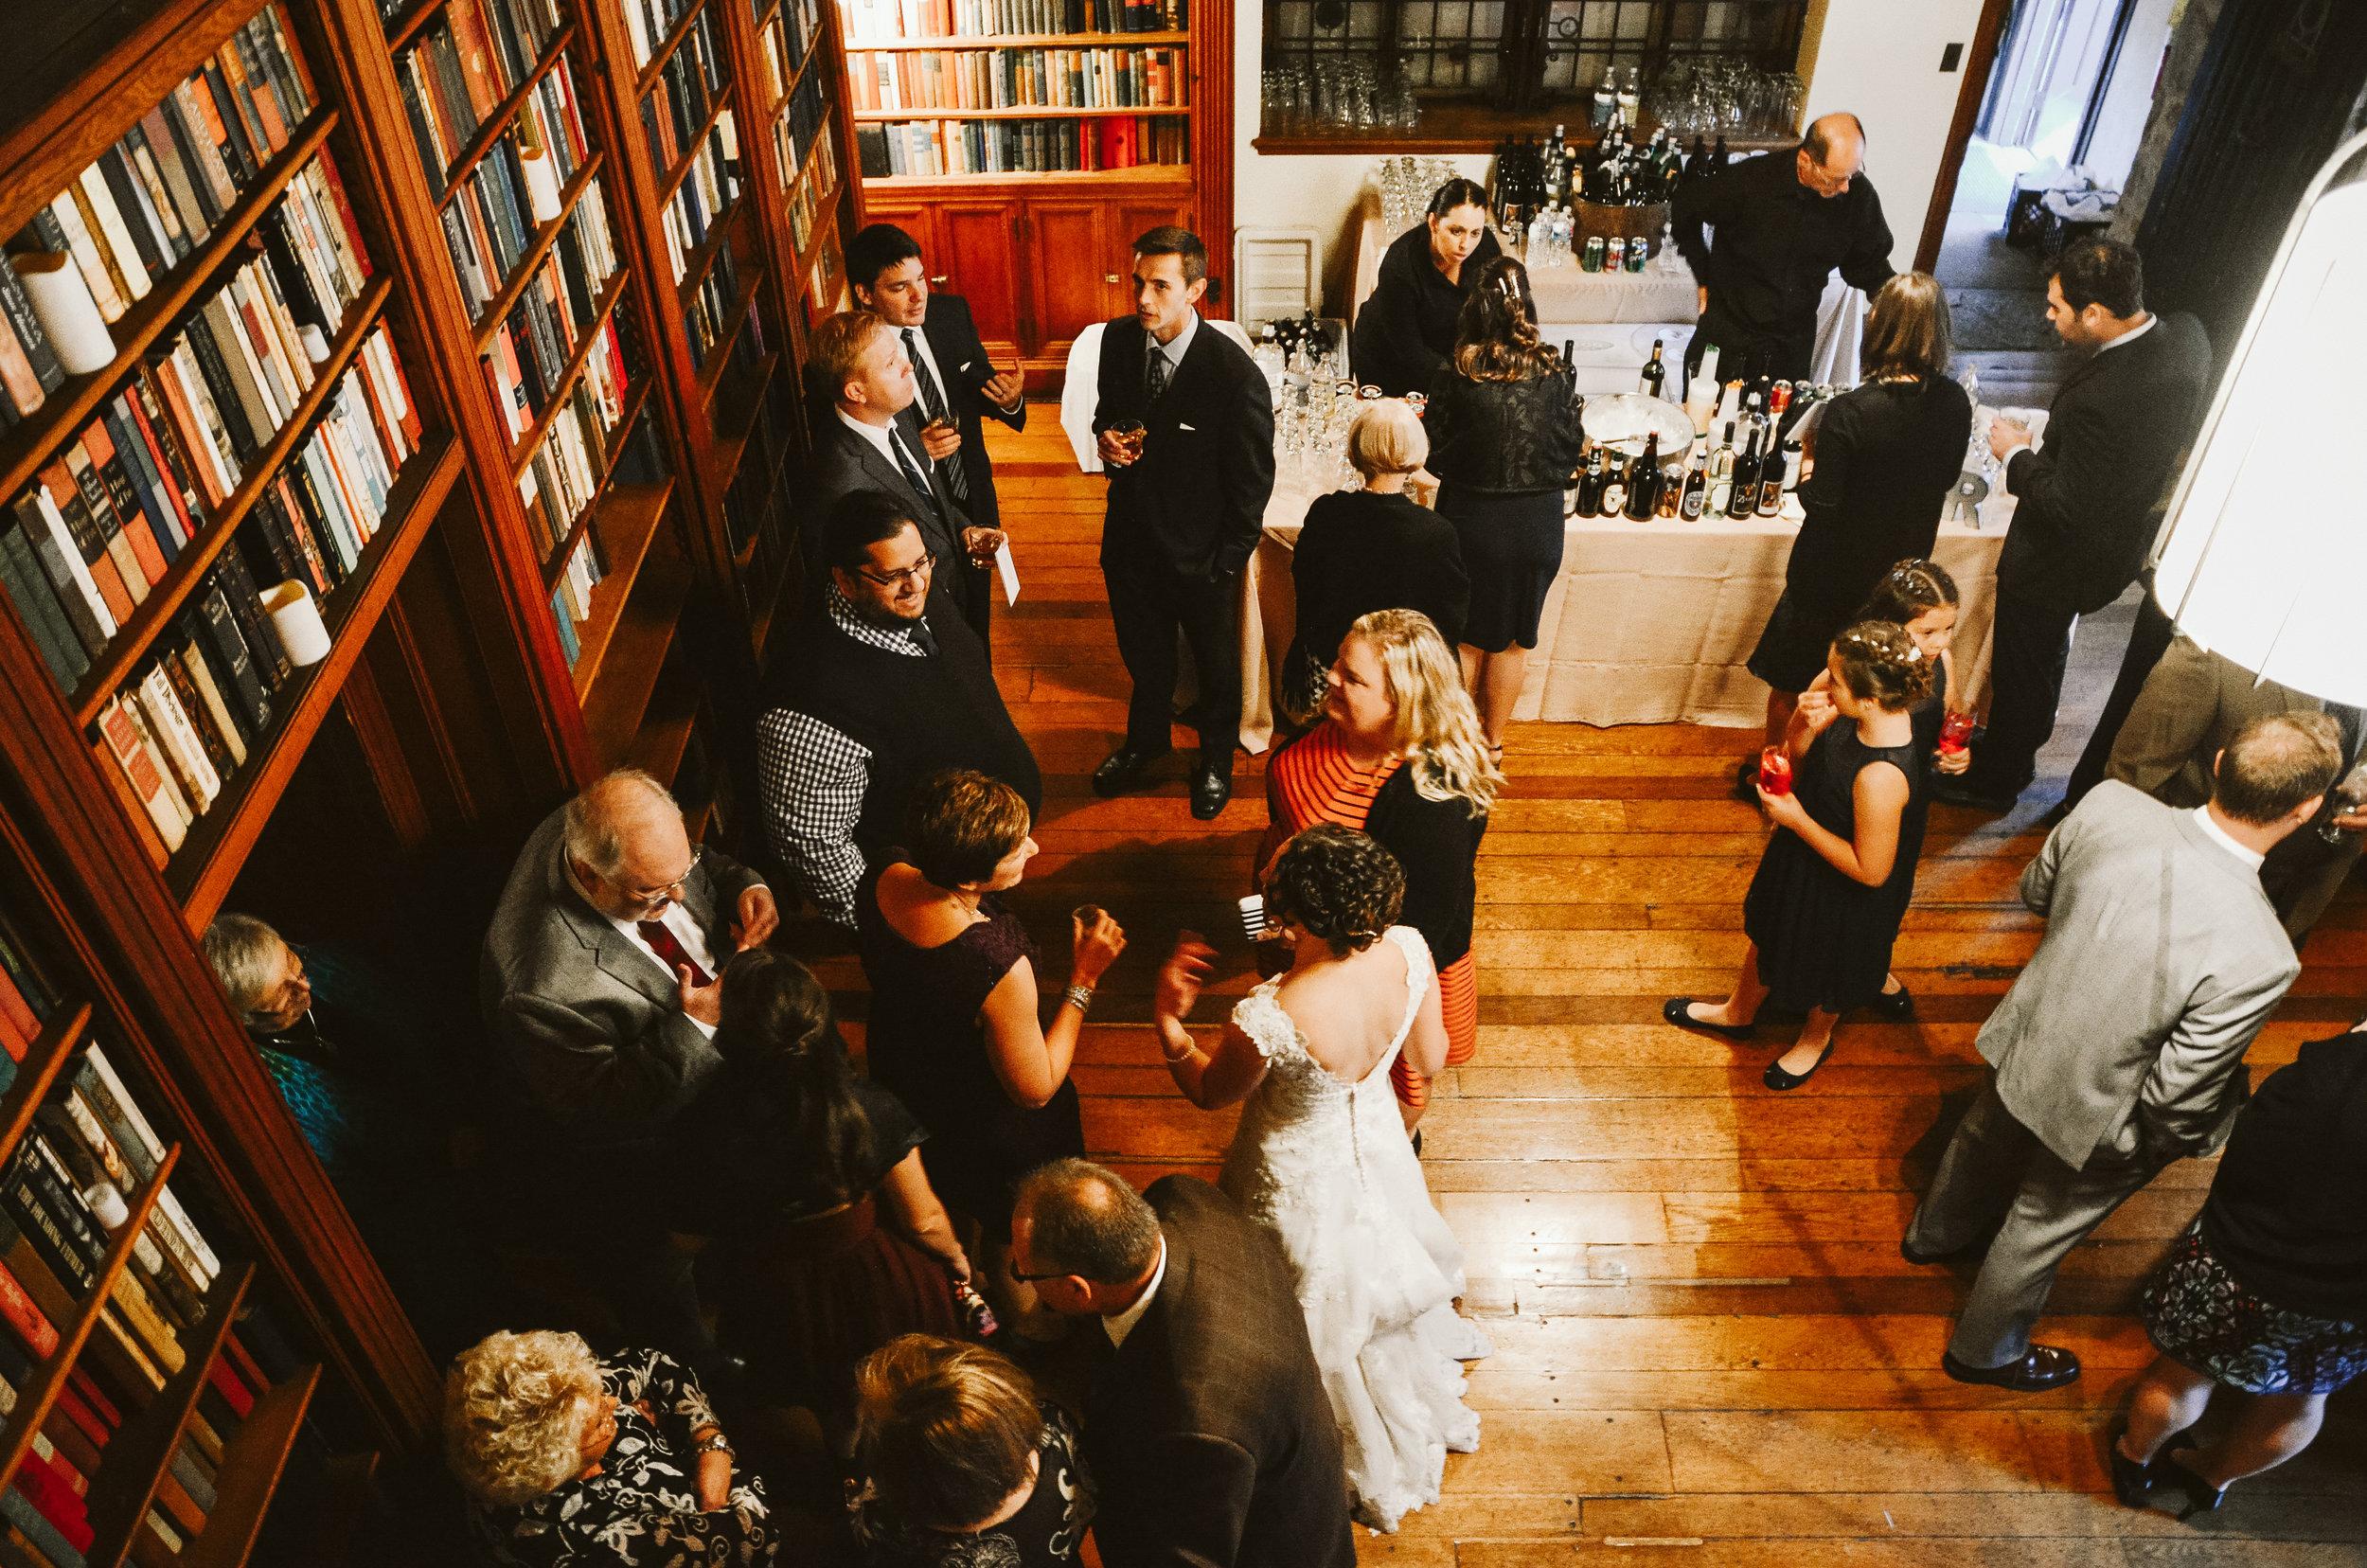 adrienne and greg's wedding 2018 edits-59.jpg